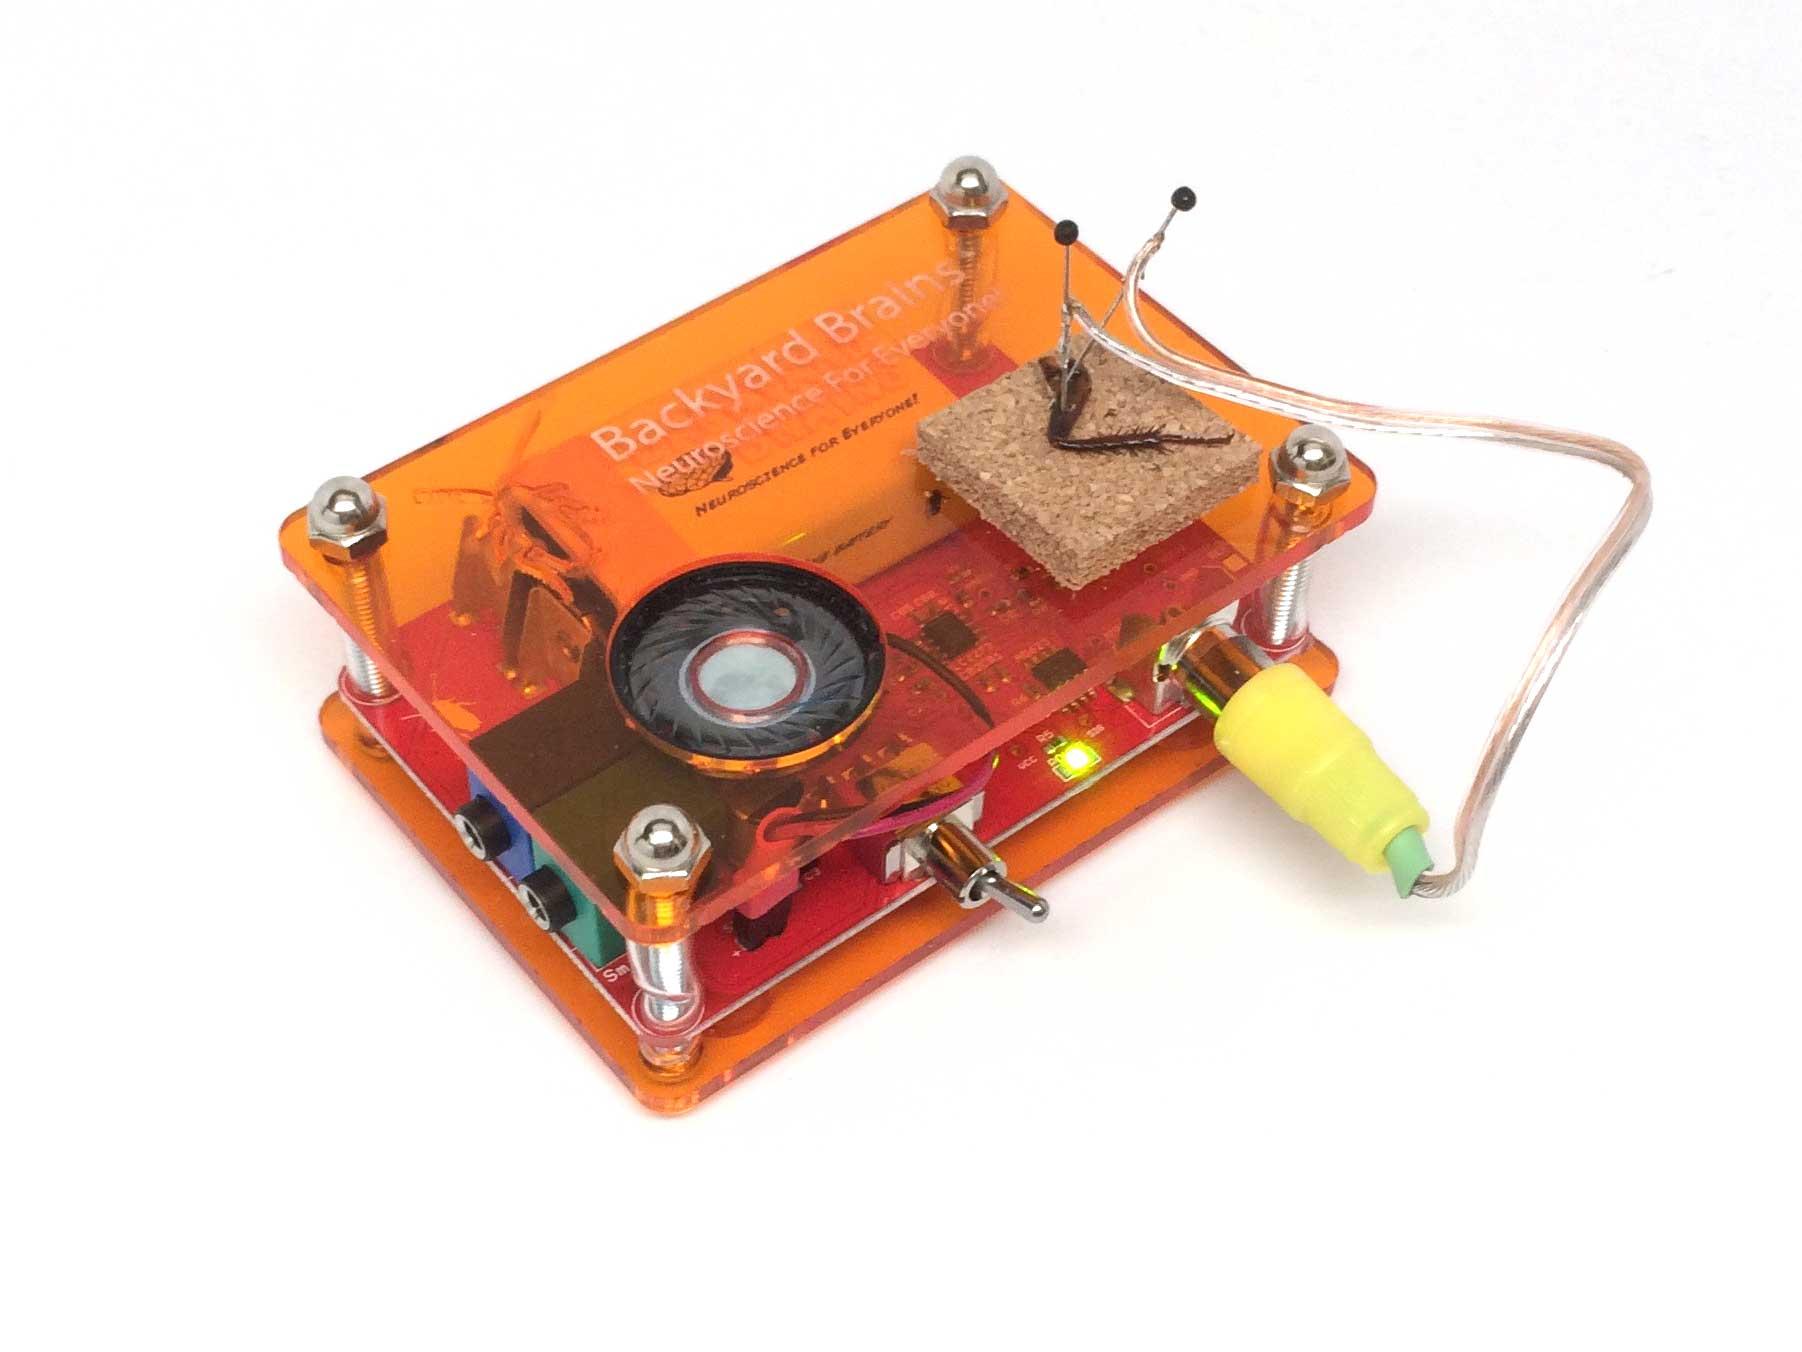 NeuronSpikerbox2015.jpg